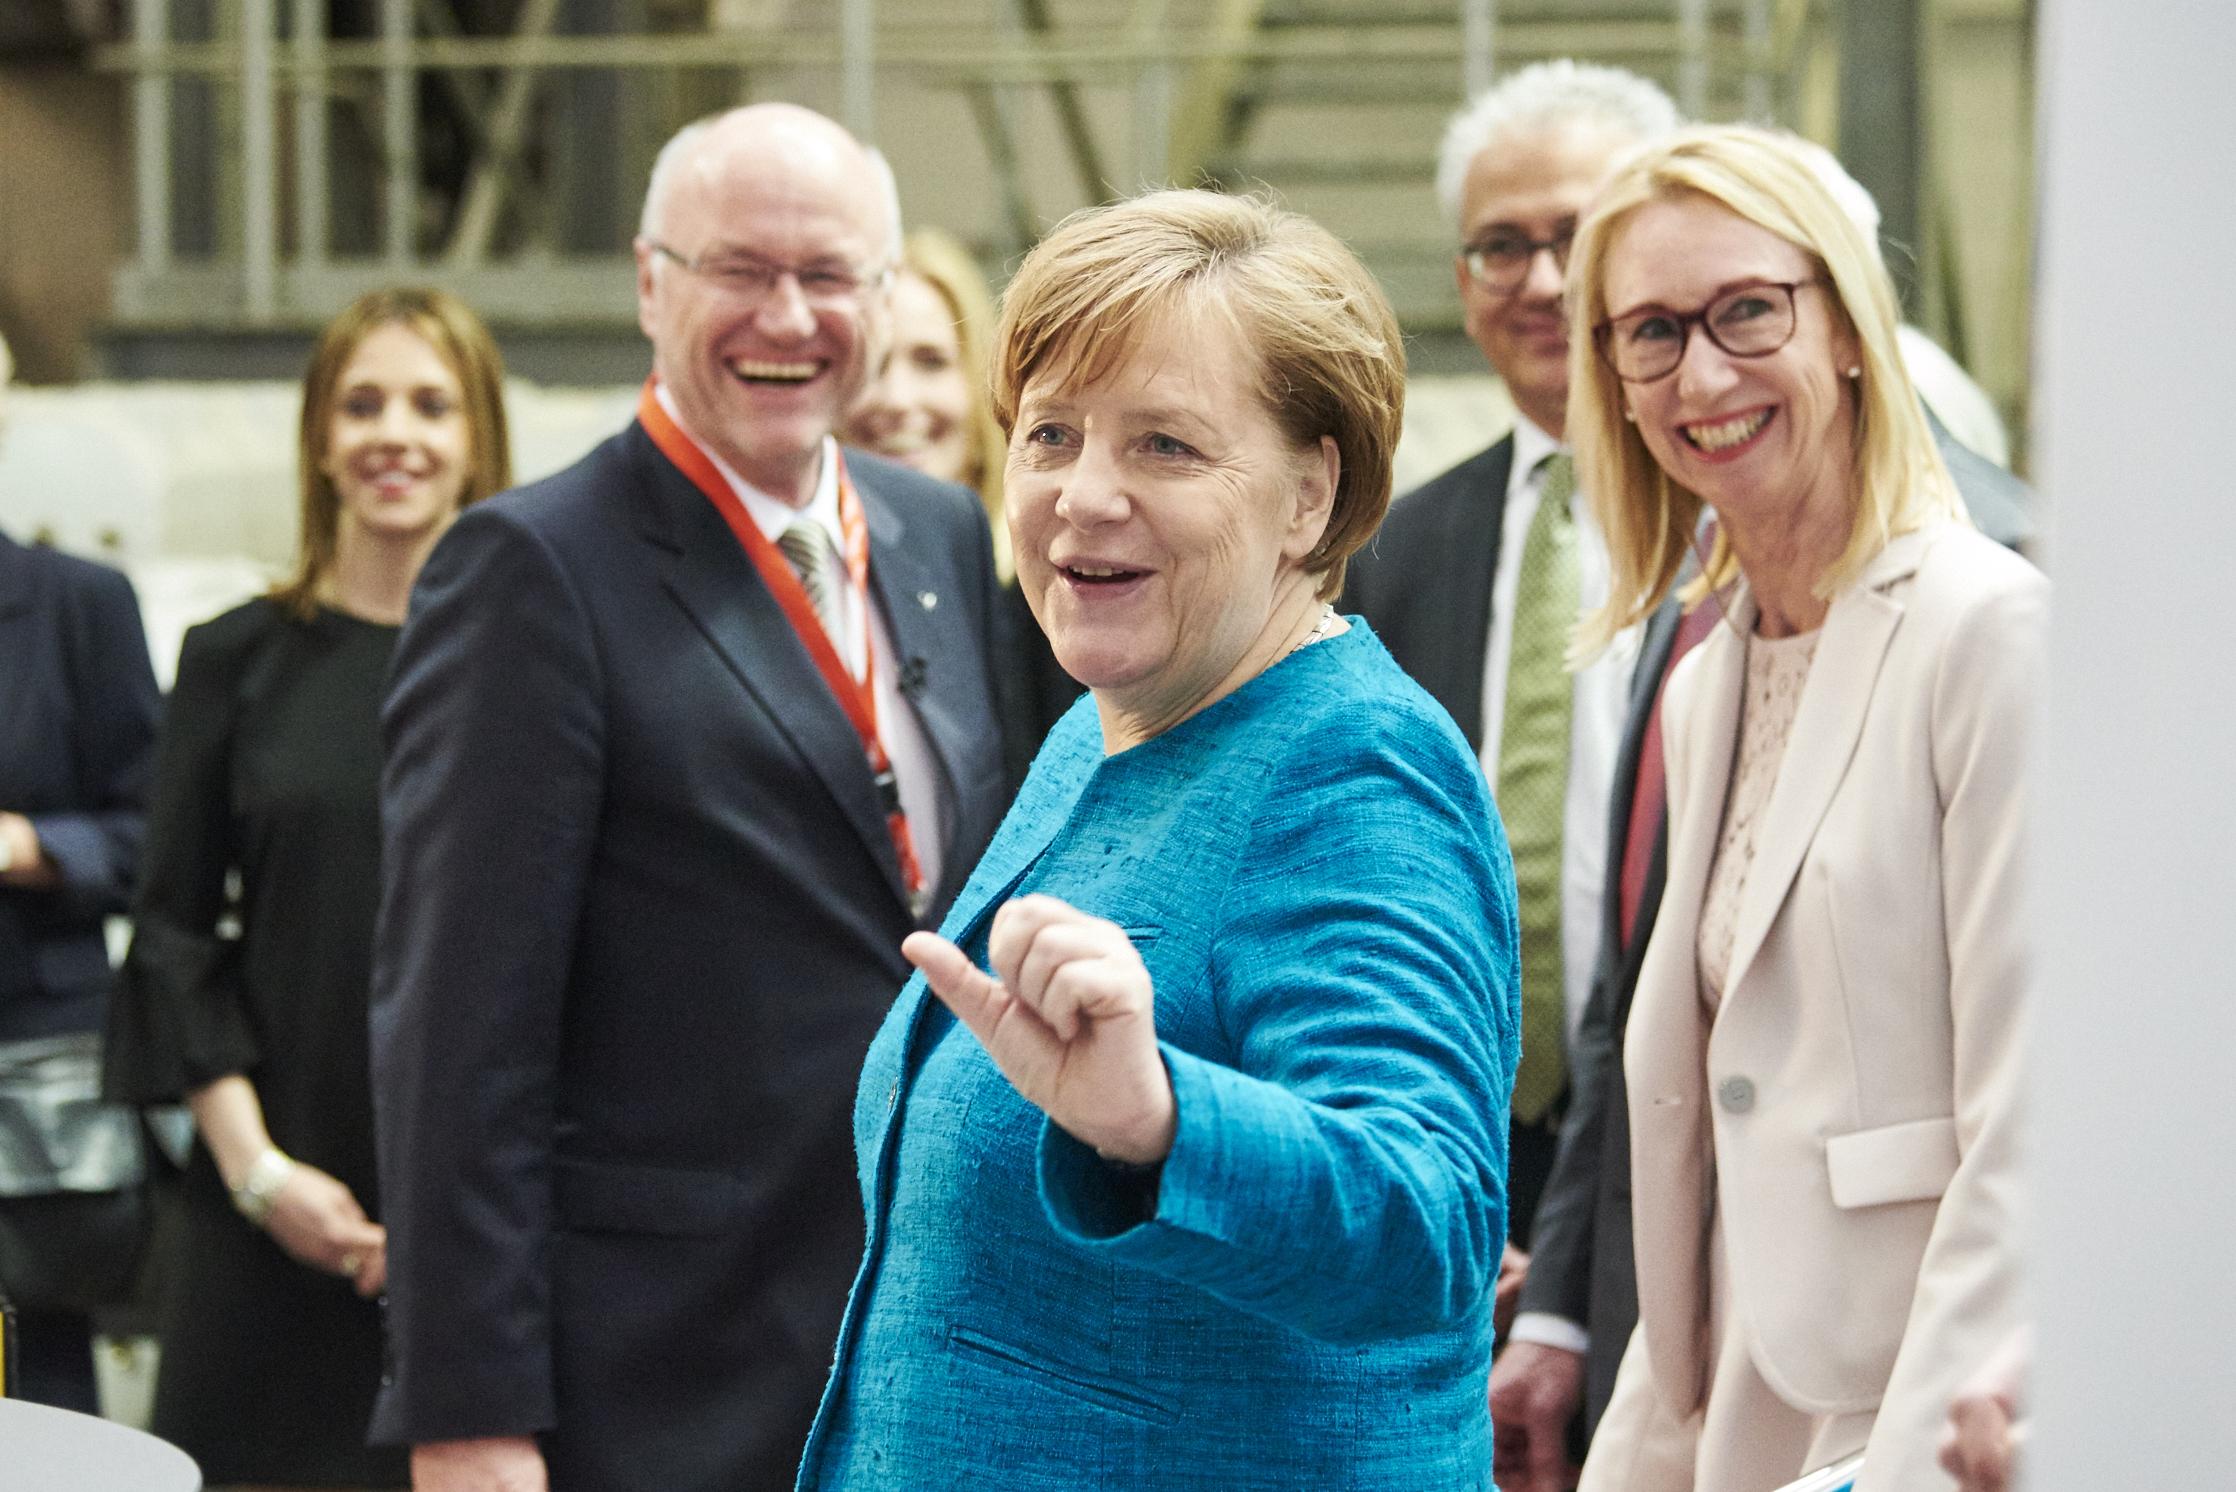 Viessmann 2017 007 - Bundeskanzlerin Merkel bei Eröffnung des Viessmann-Technikum